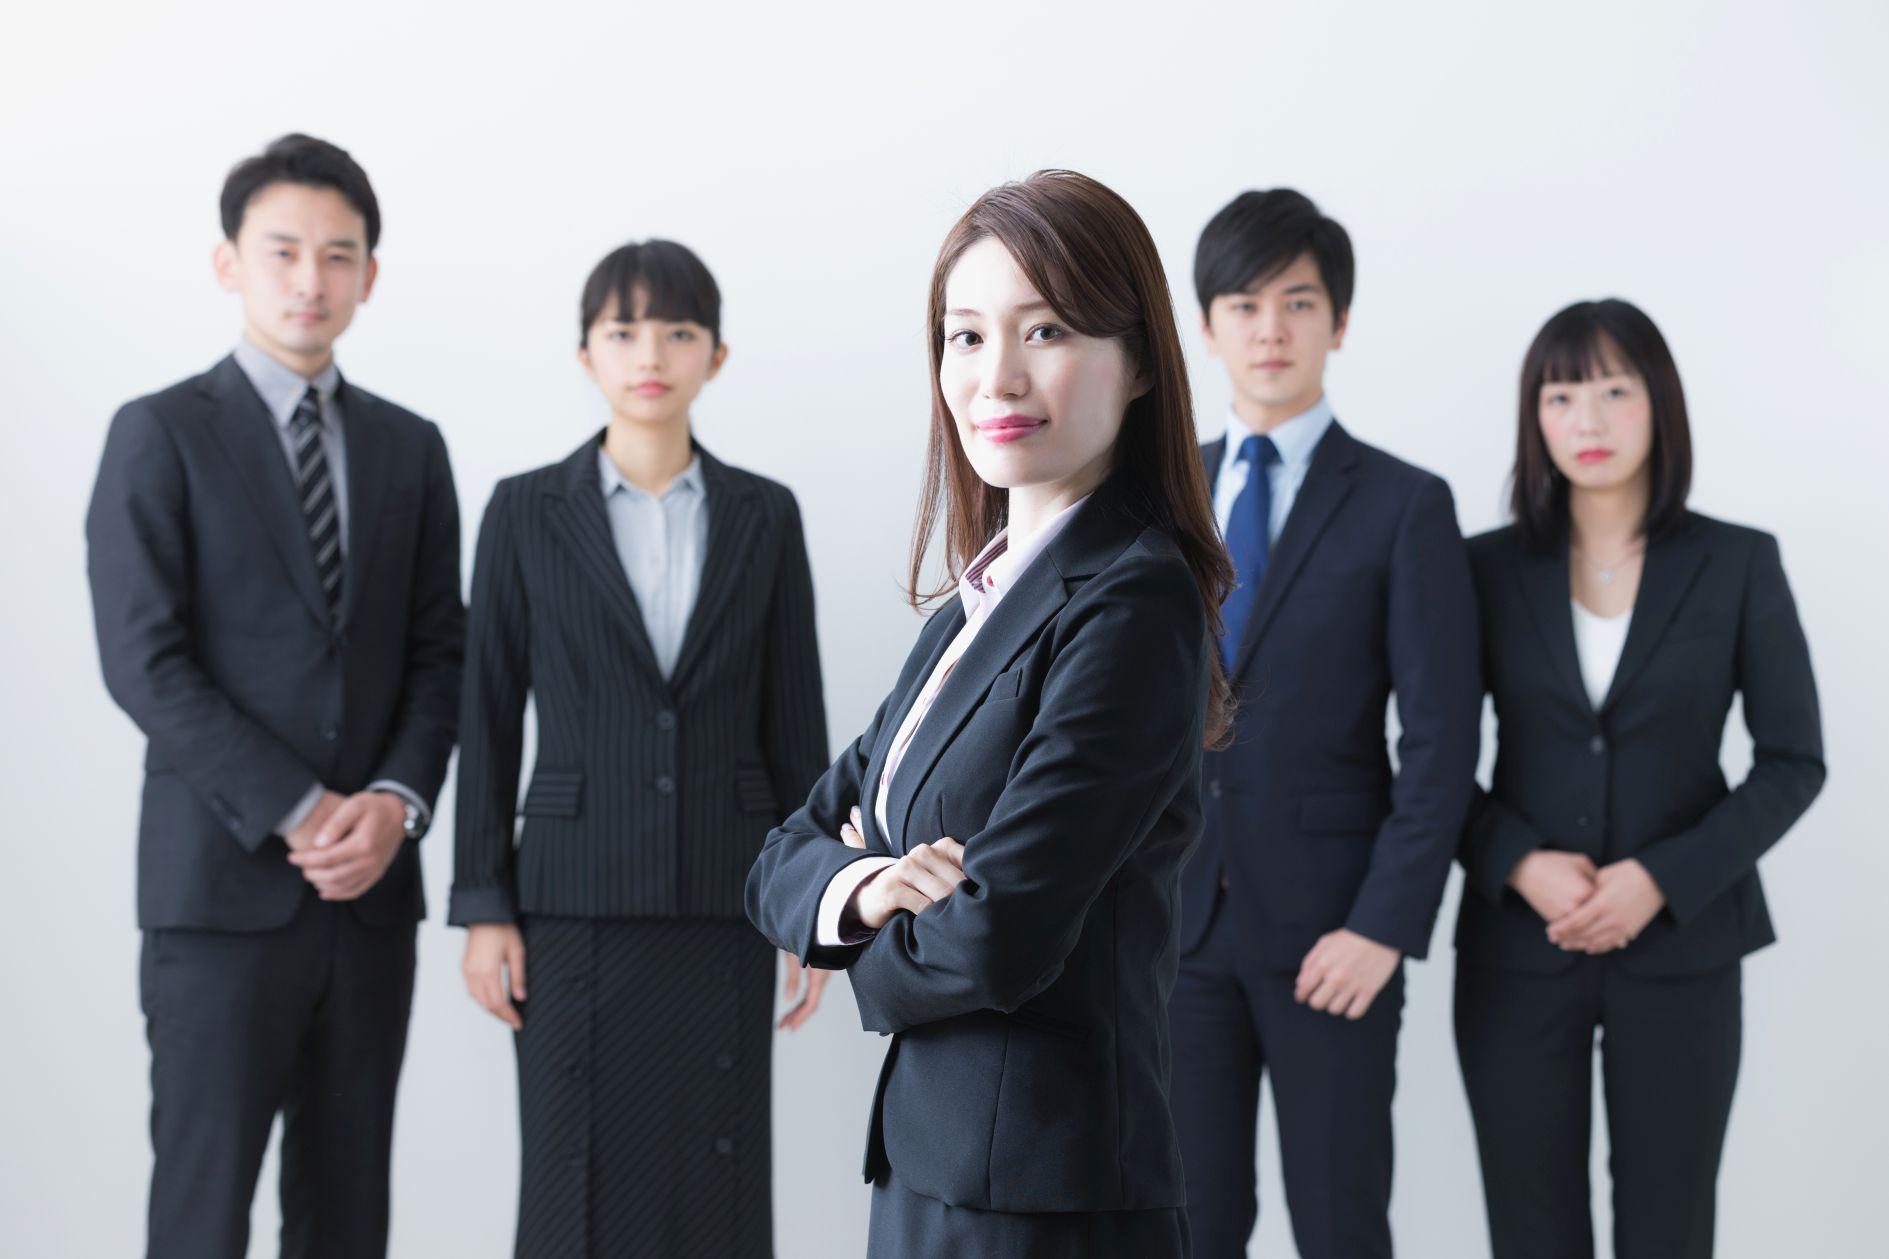 女性のためのリーダーシップ